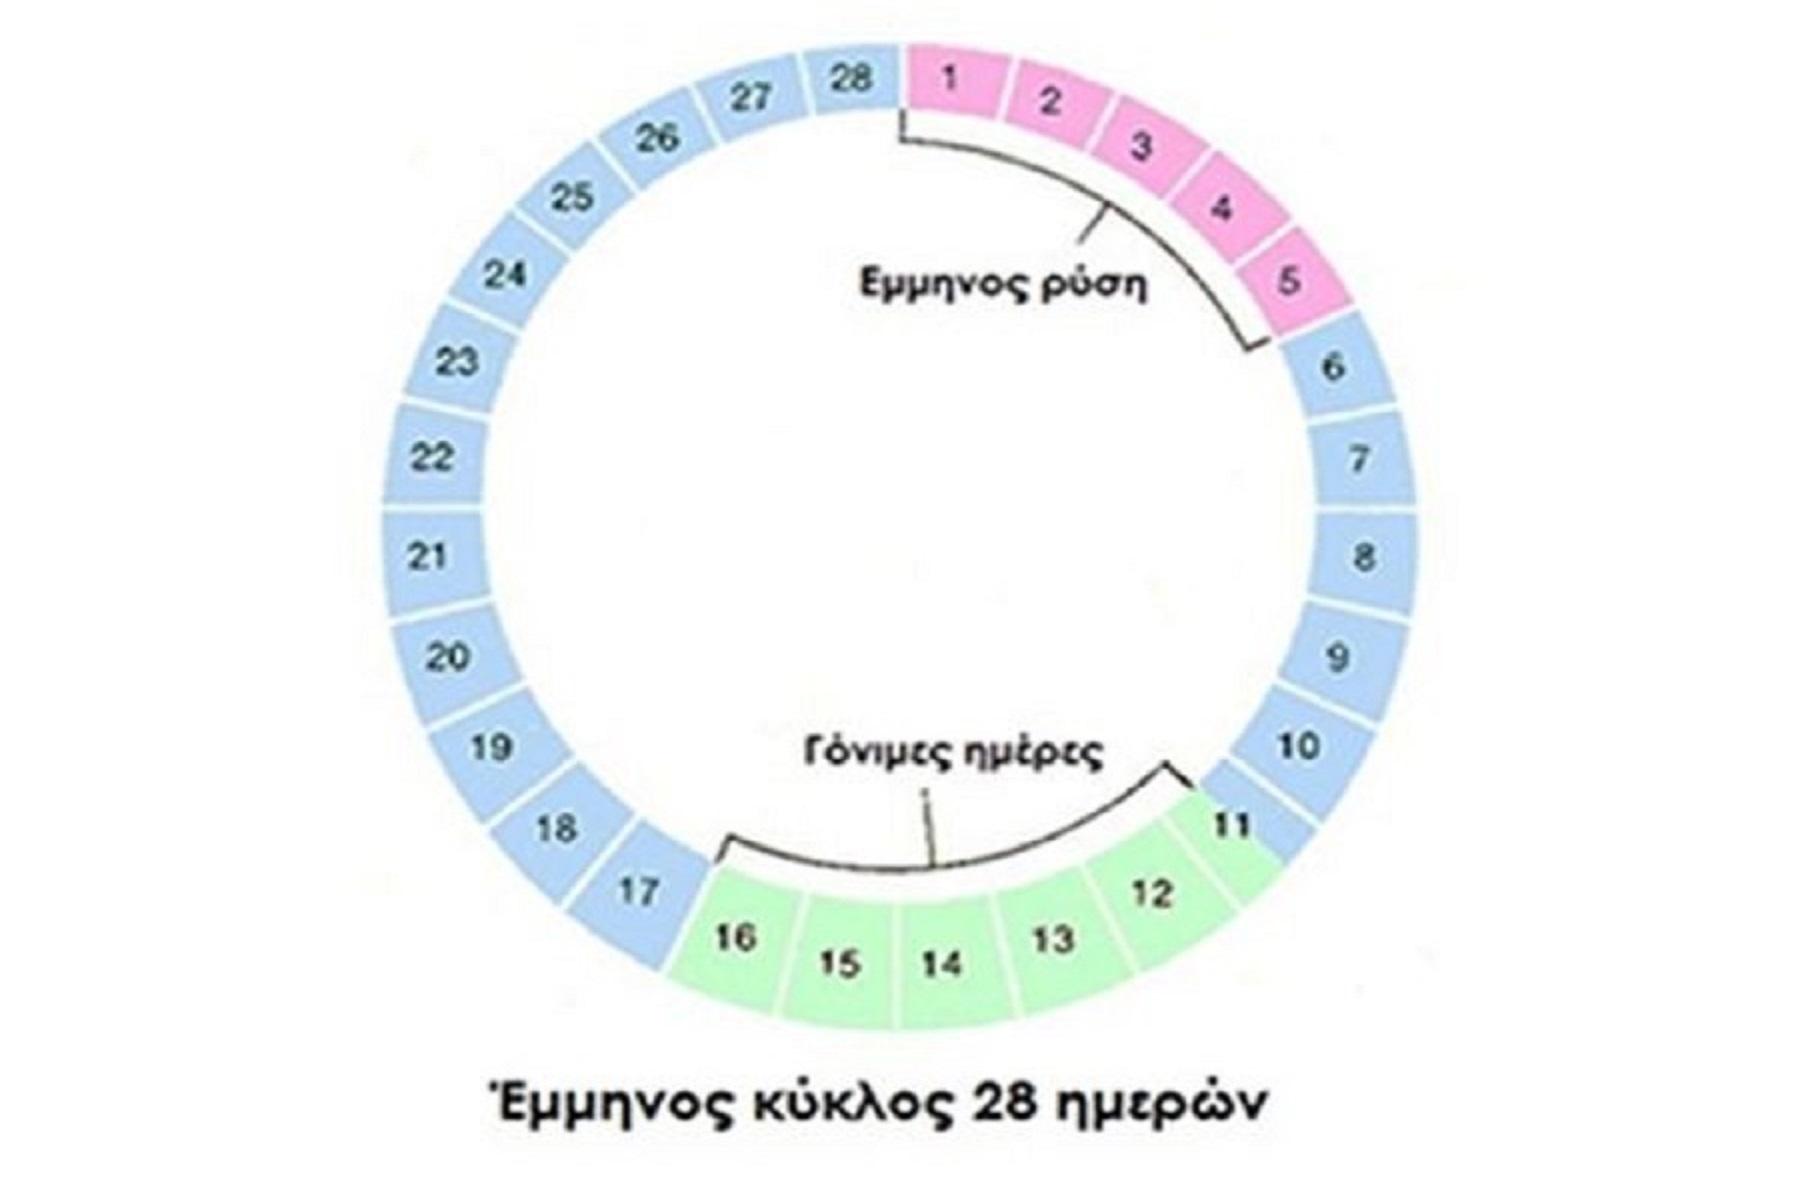 Εμμηνορροϊκός κύκλος: Κατάλληλη διατροφή σε κάθε φάση